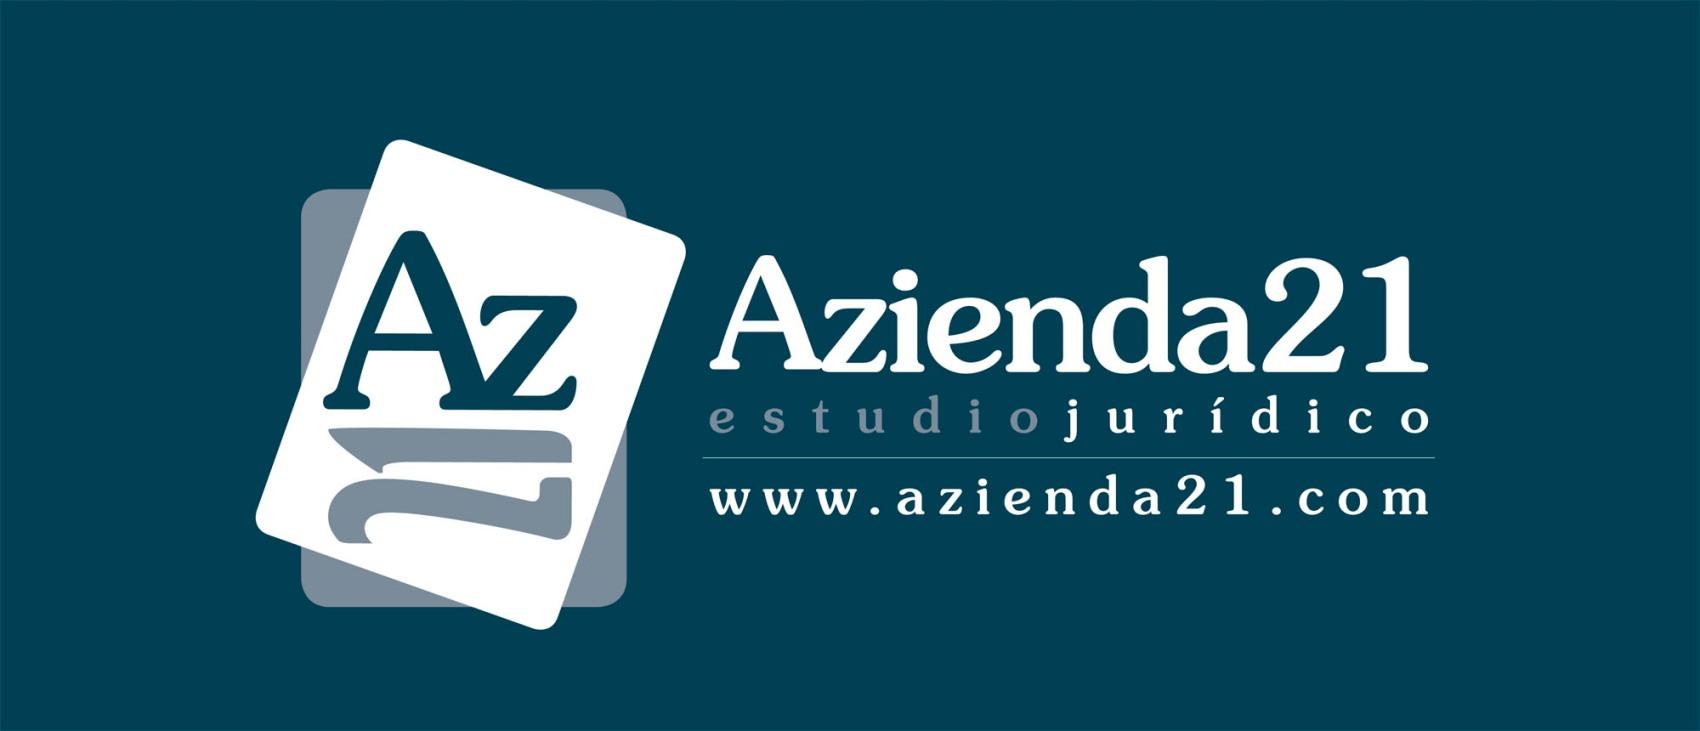 Cabecera Web Az21 New